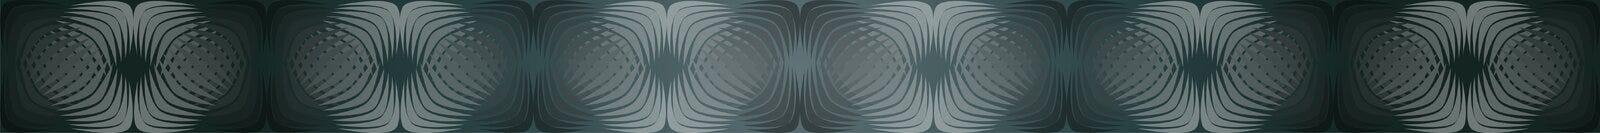 Geometrische patronen met gradiëntvulling 3 stock illustratie